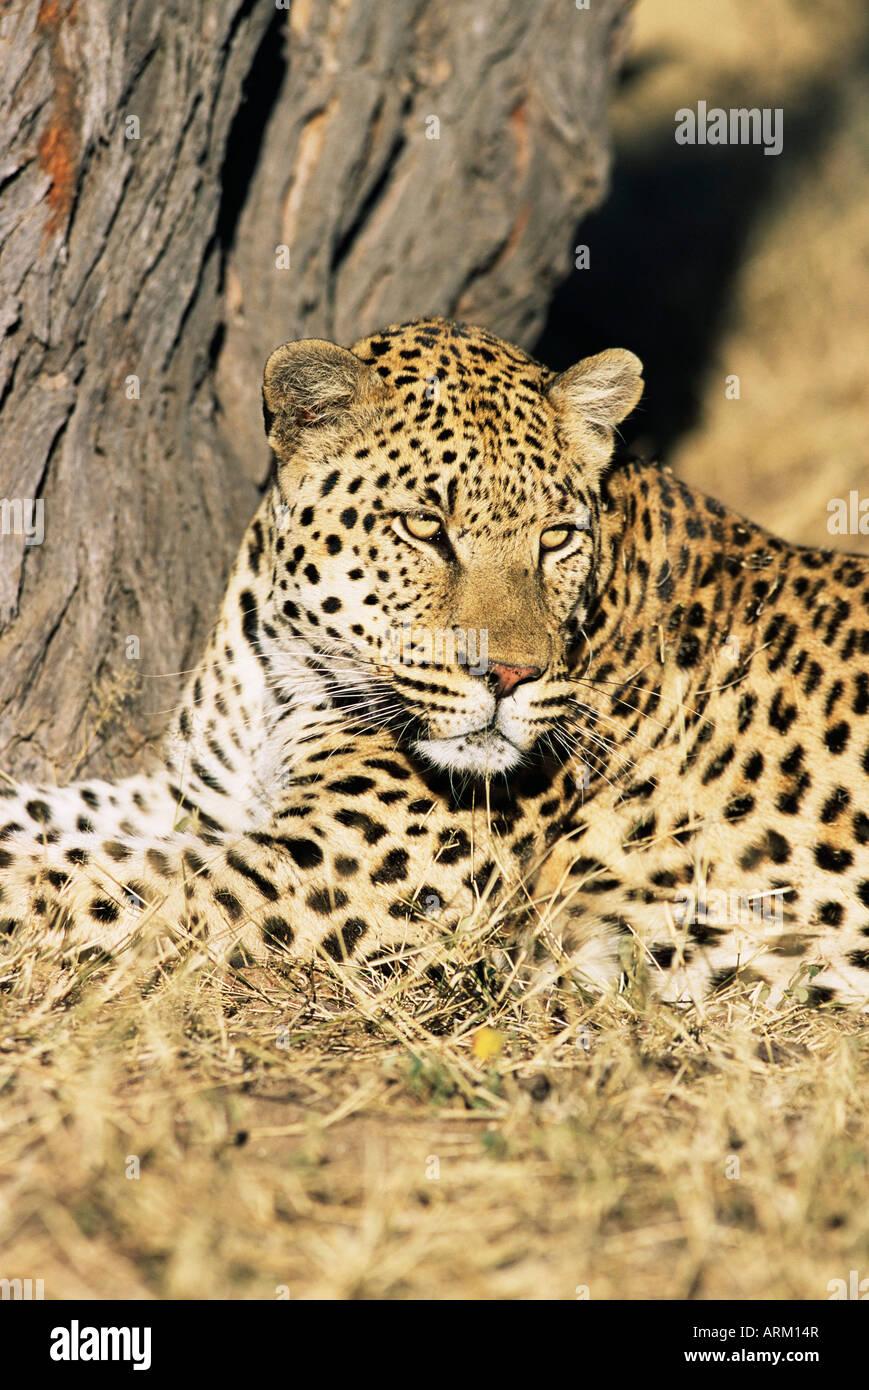 Männliche Leoparden Panthera Pardus, in Gefangenschaft, Namibia, Afrika Stockfoto